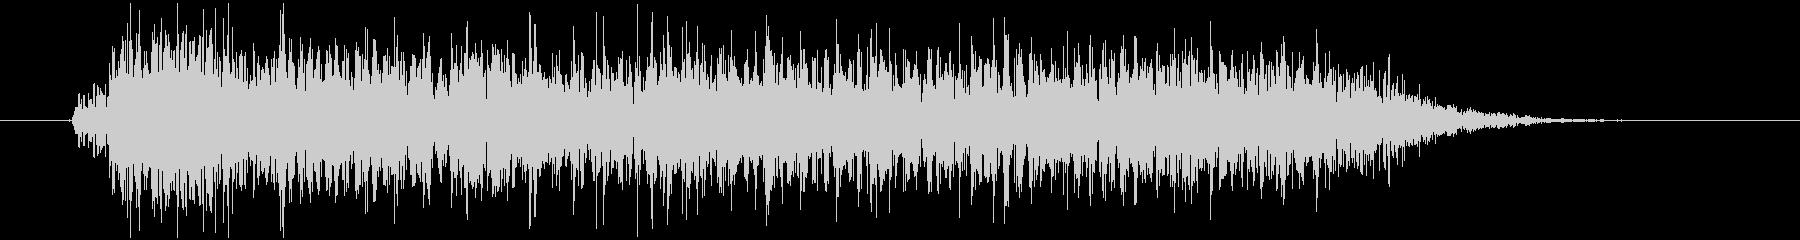 大型モンスターの声 威嚇 グアーッ Sの未再生の波形